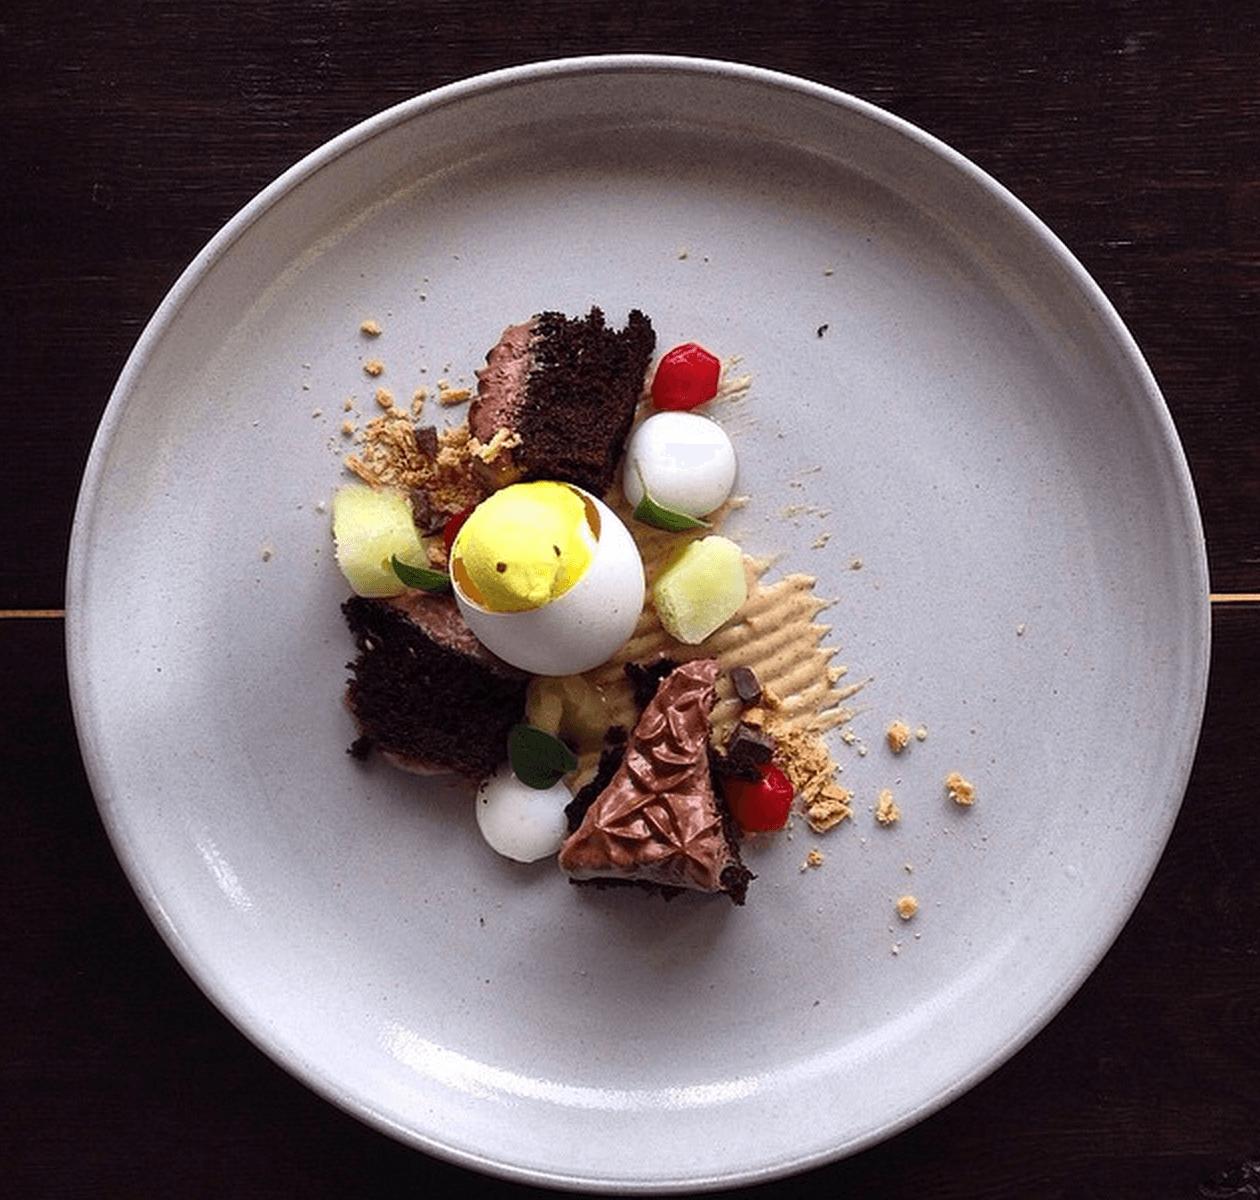 Кулинария - пошаговые рецепты приготовления блюд с фото